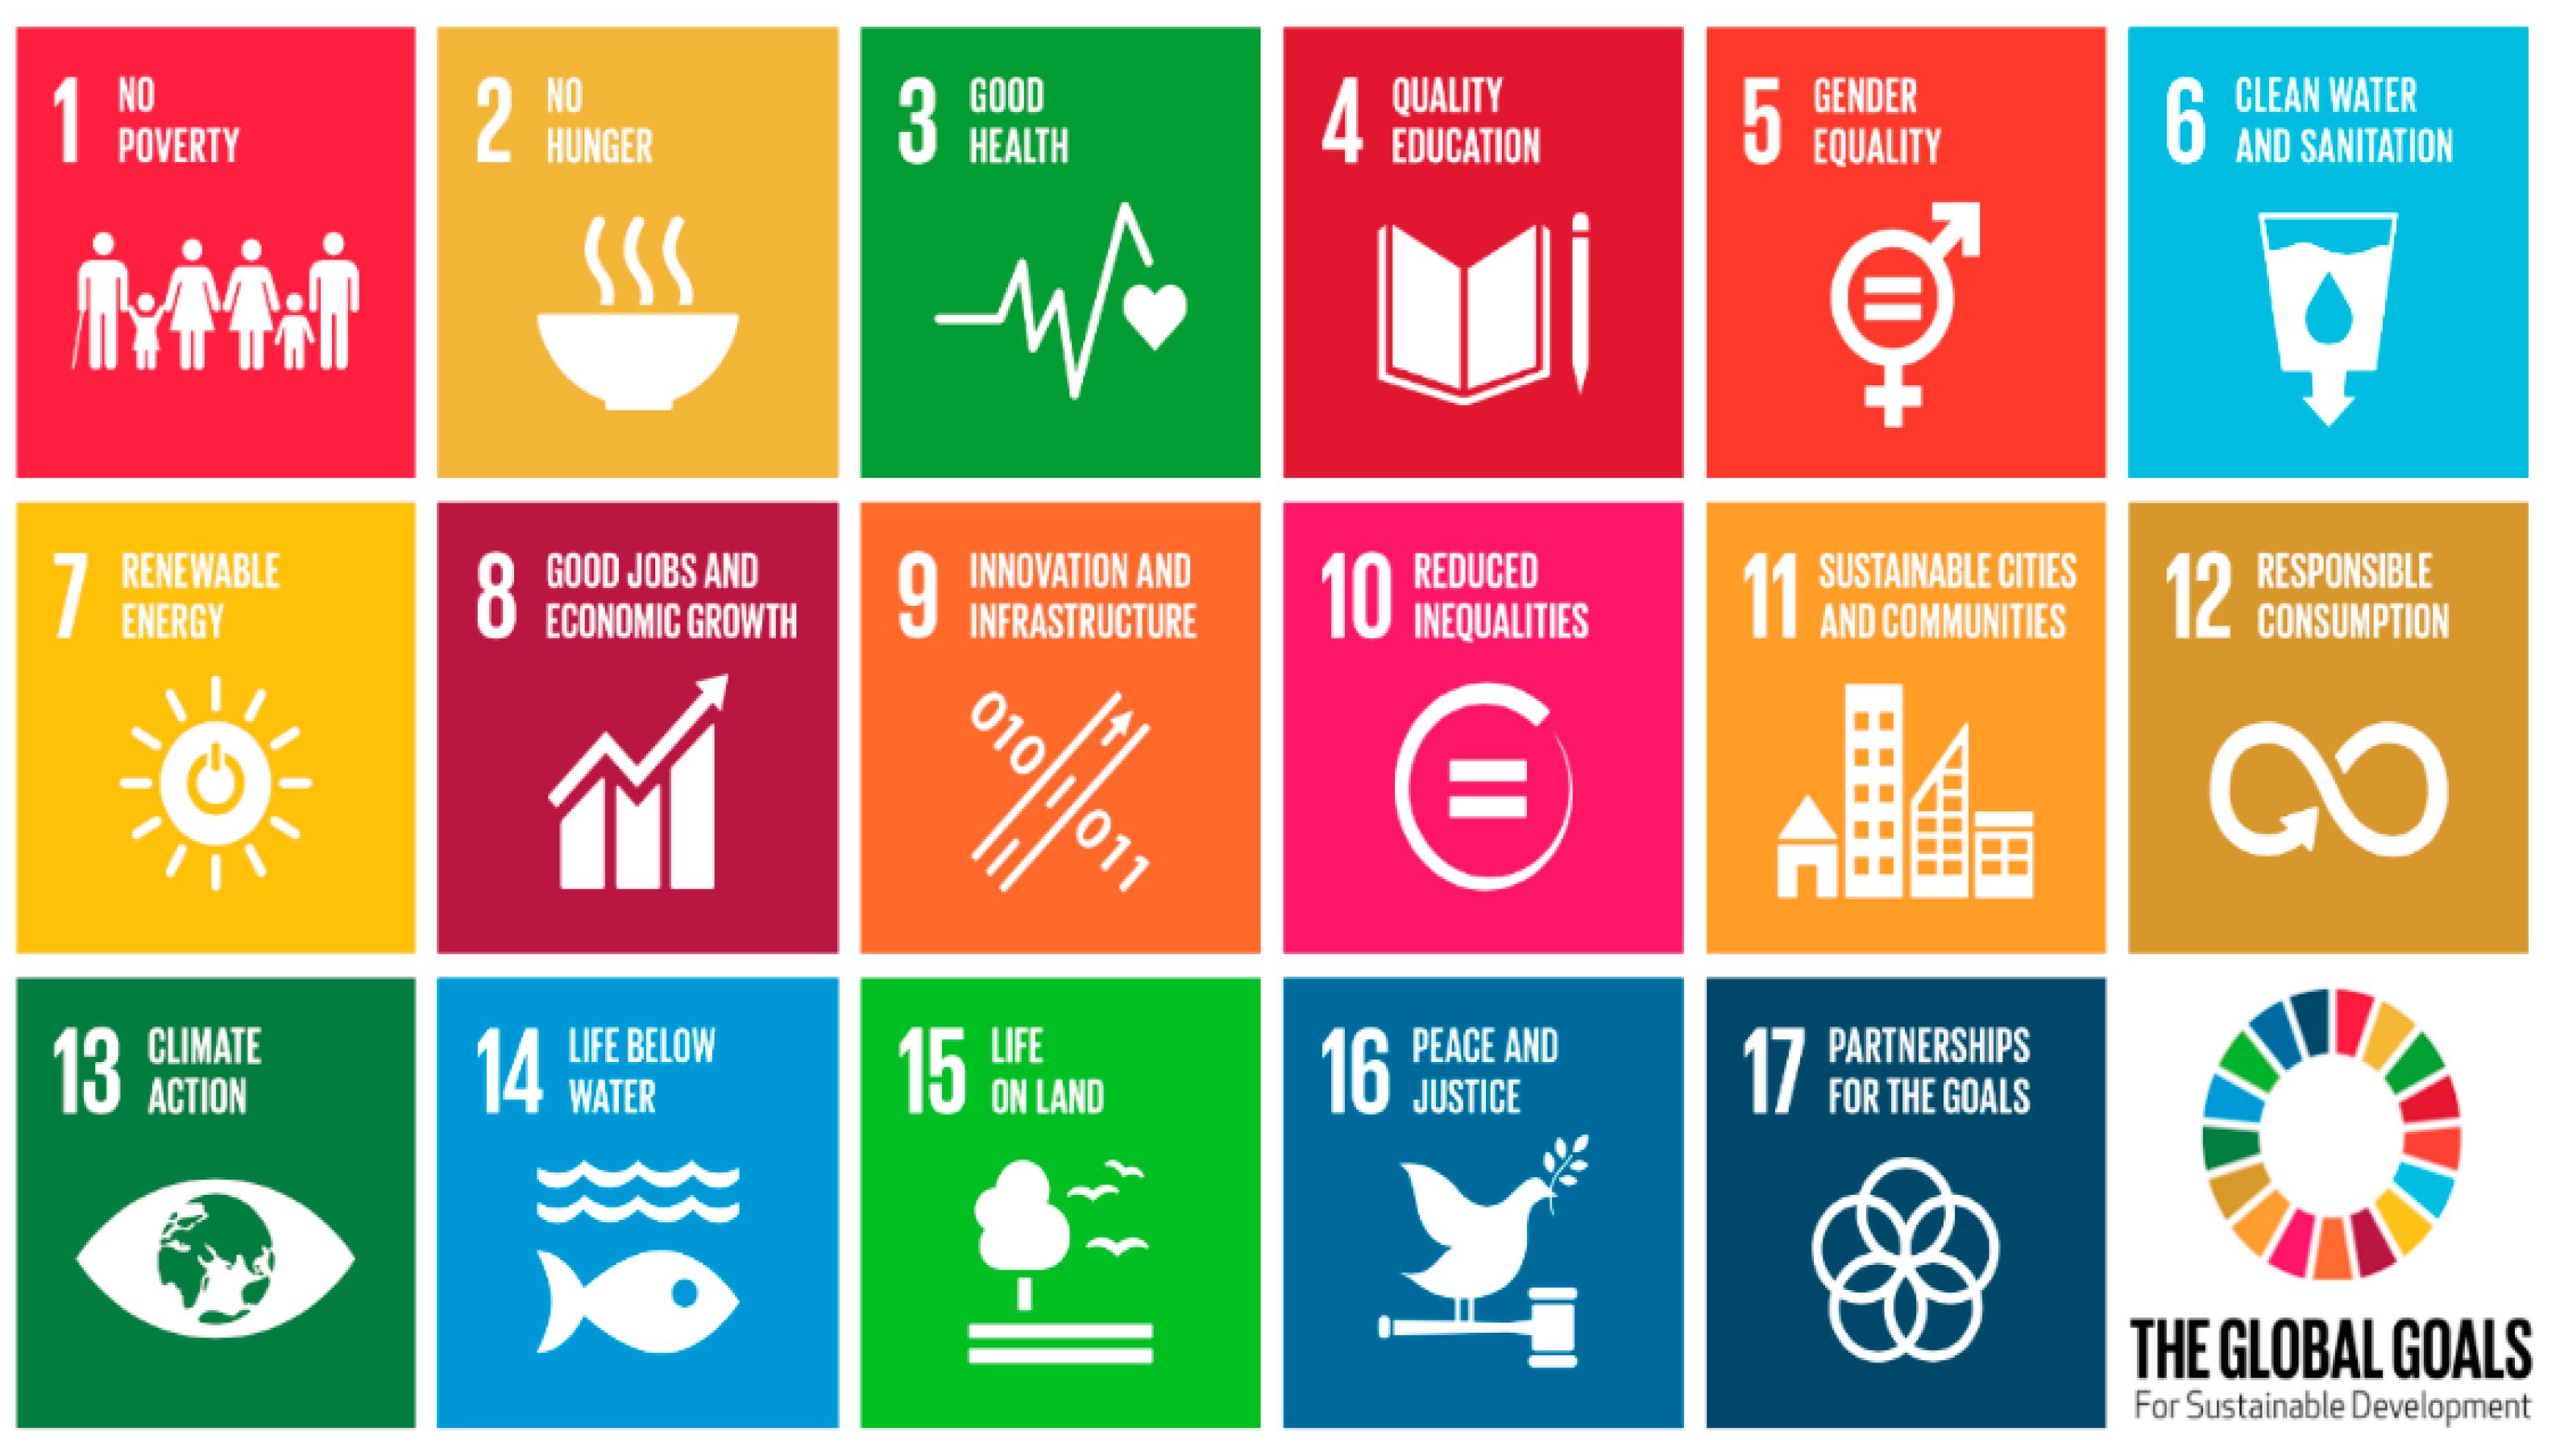 지속가능 개발 목표 또는 지속가능 발전 목표(Sustainable Development Goals, SDGs